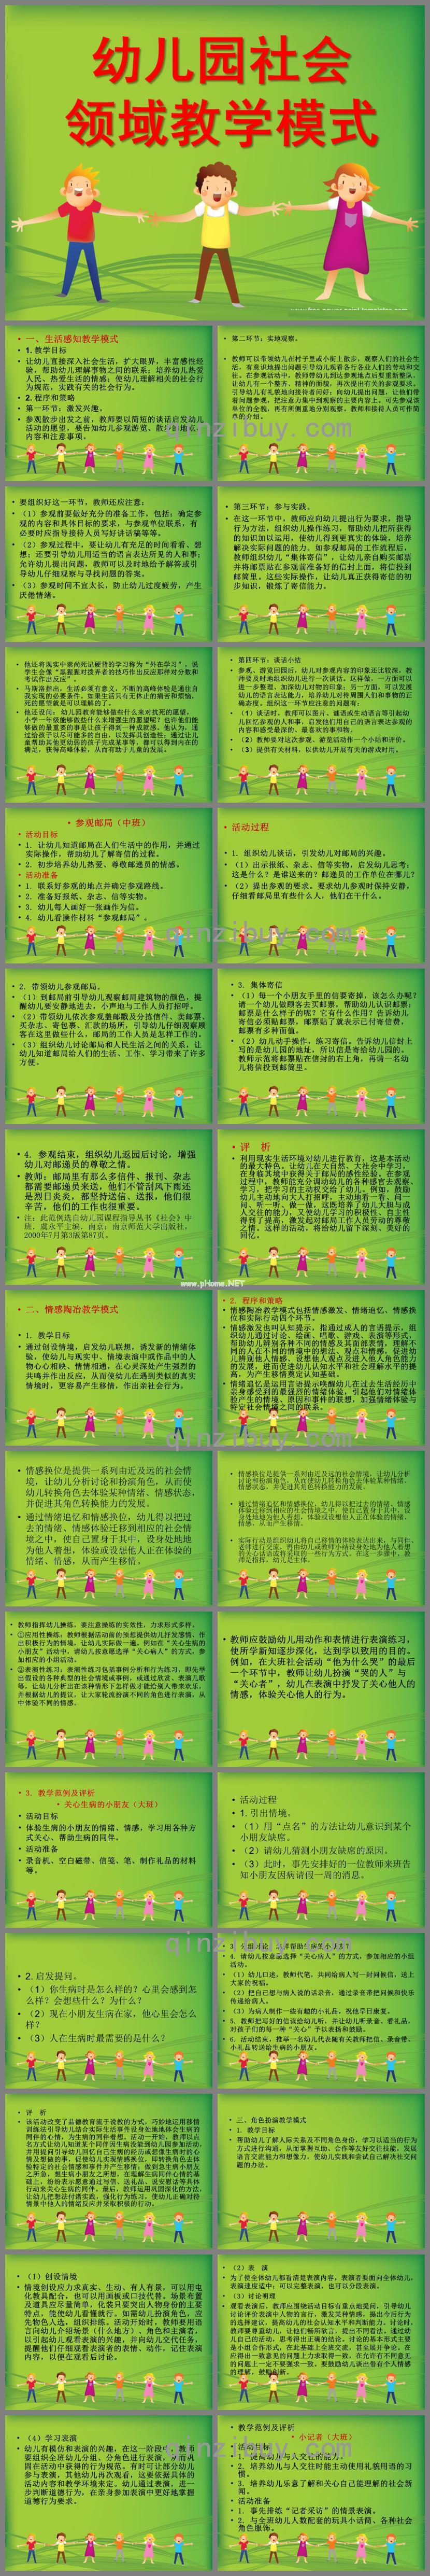 幼儿园社会领域教学模式PPT课件